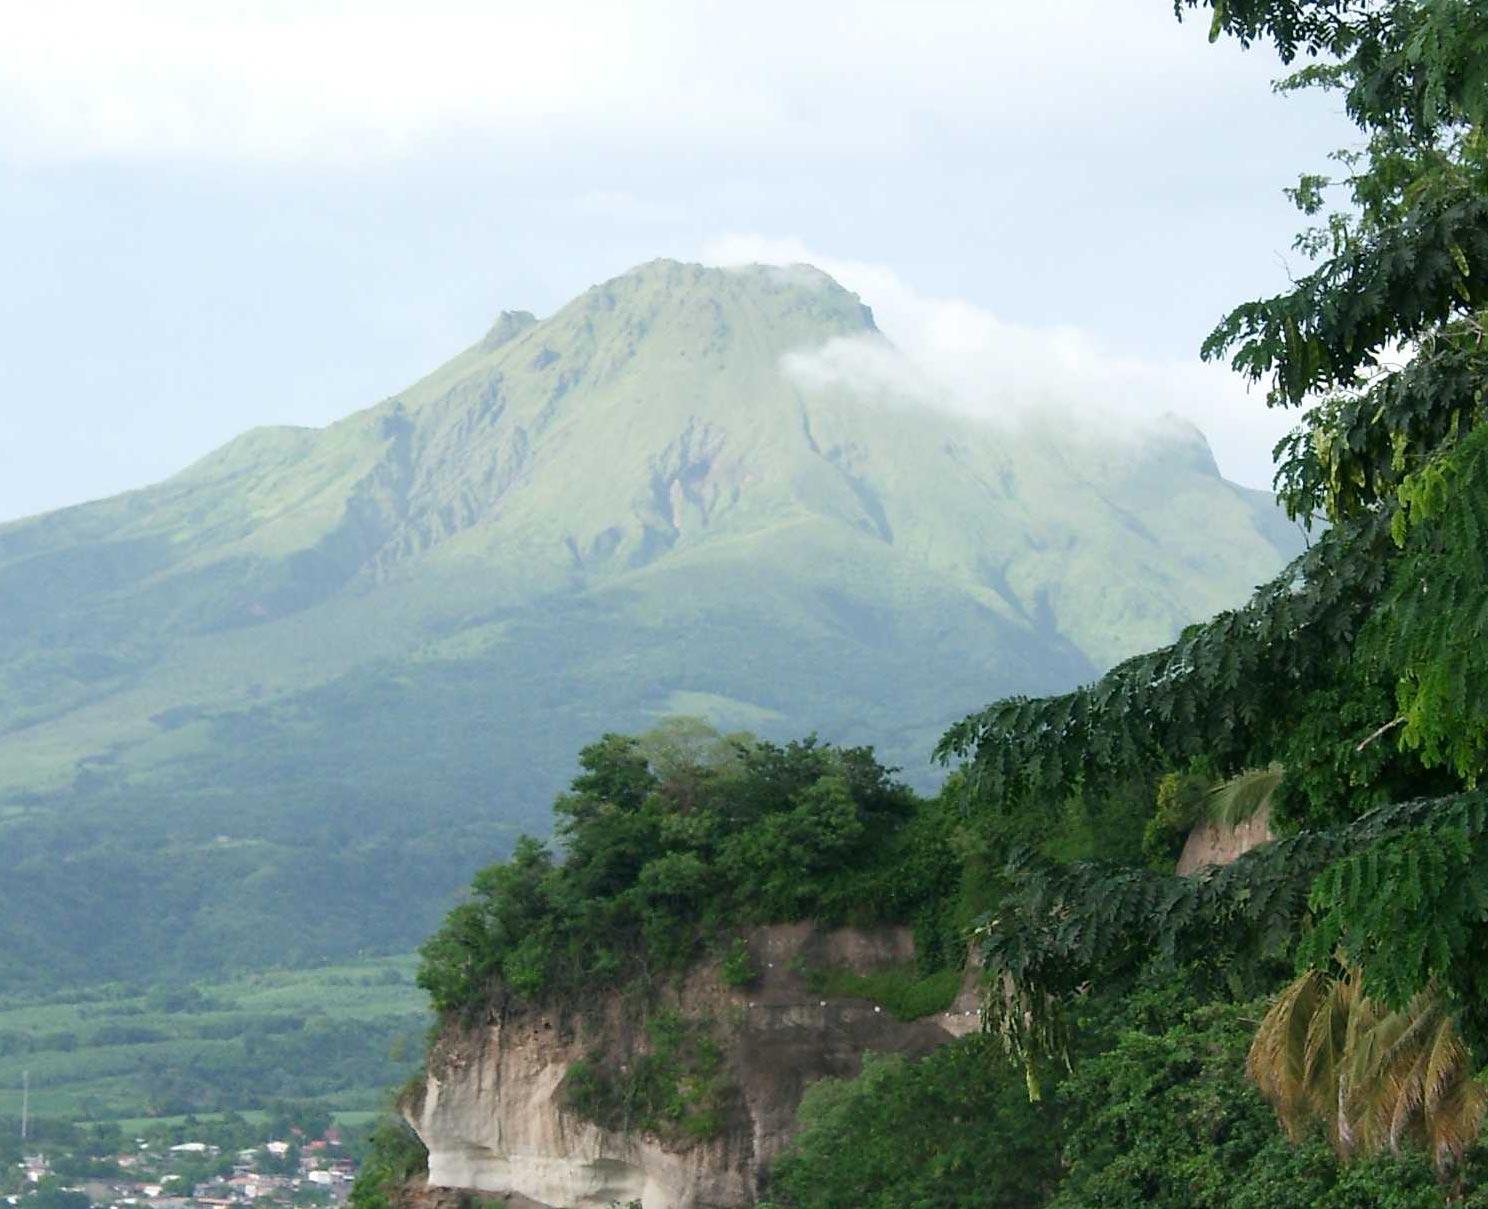 Le Mont Pelée